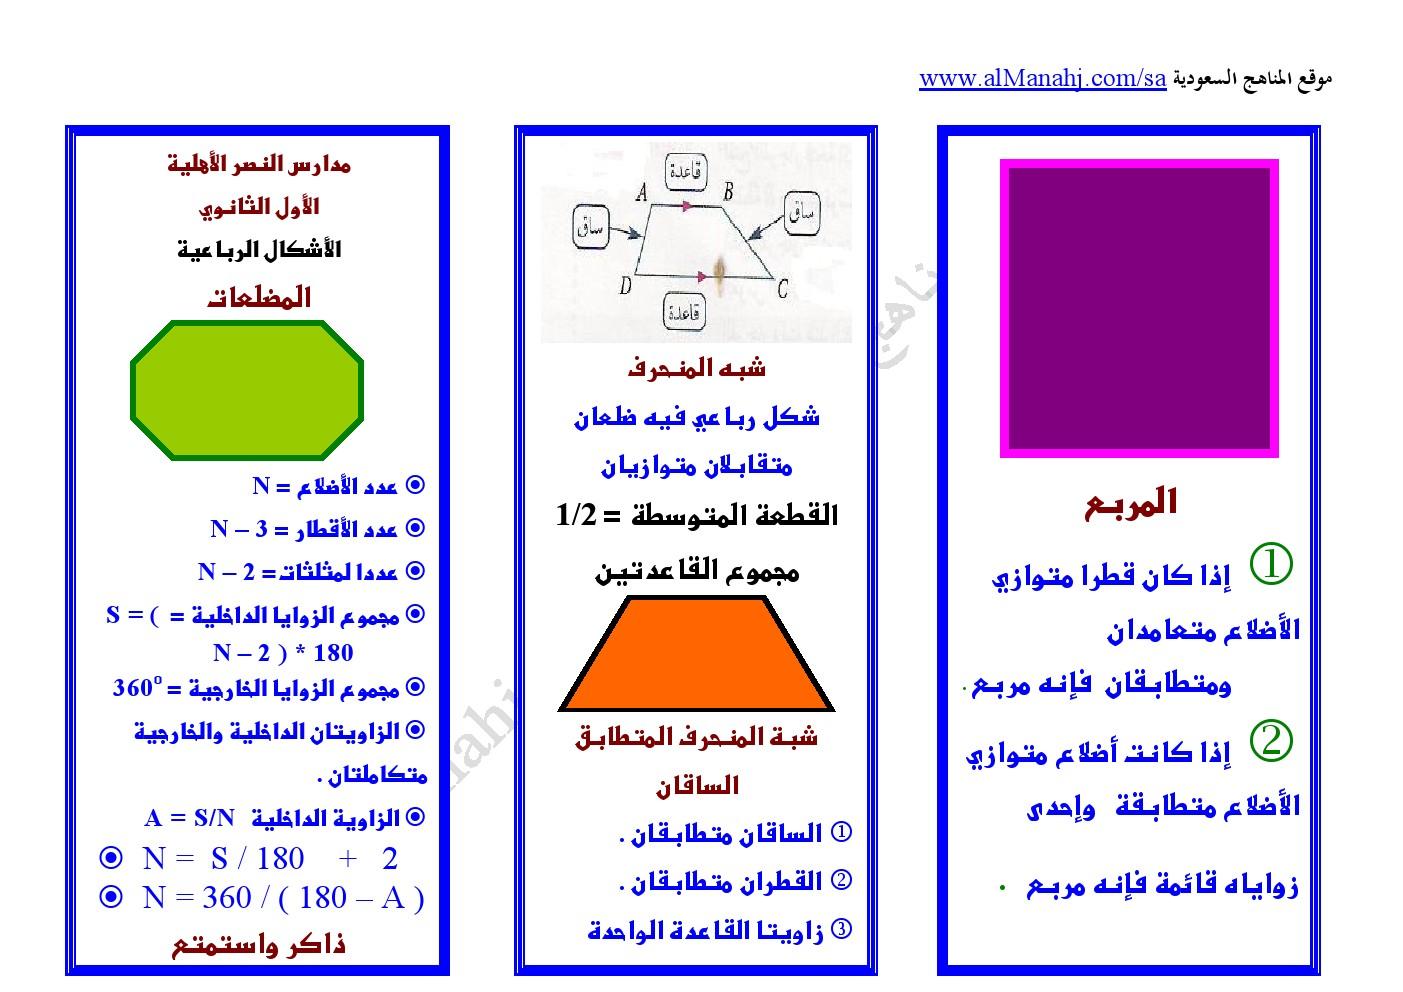 ملخص الأشكال الرباعية المستوى الثاني رياضيات الفصل الثاني المناهج السعودية